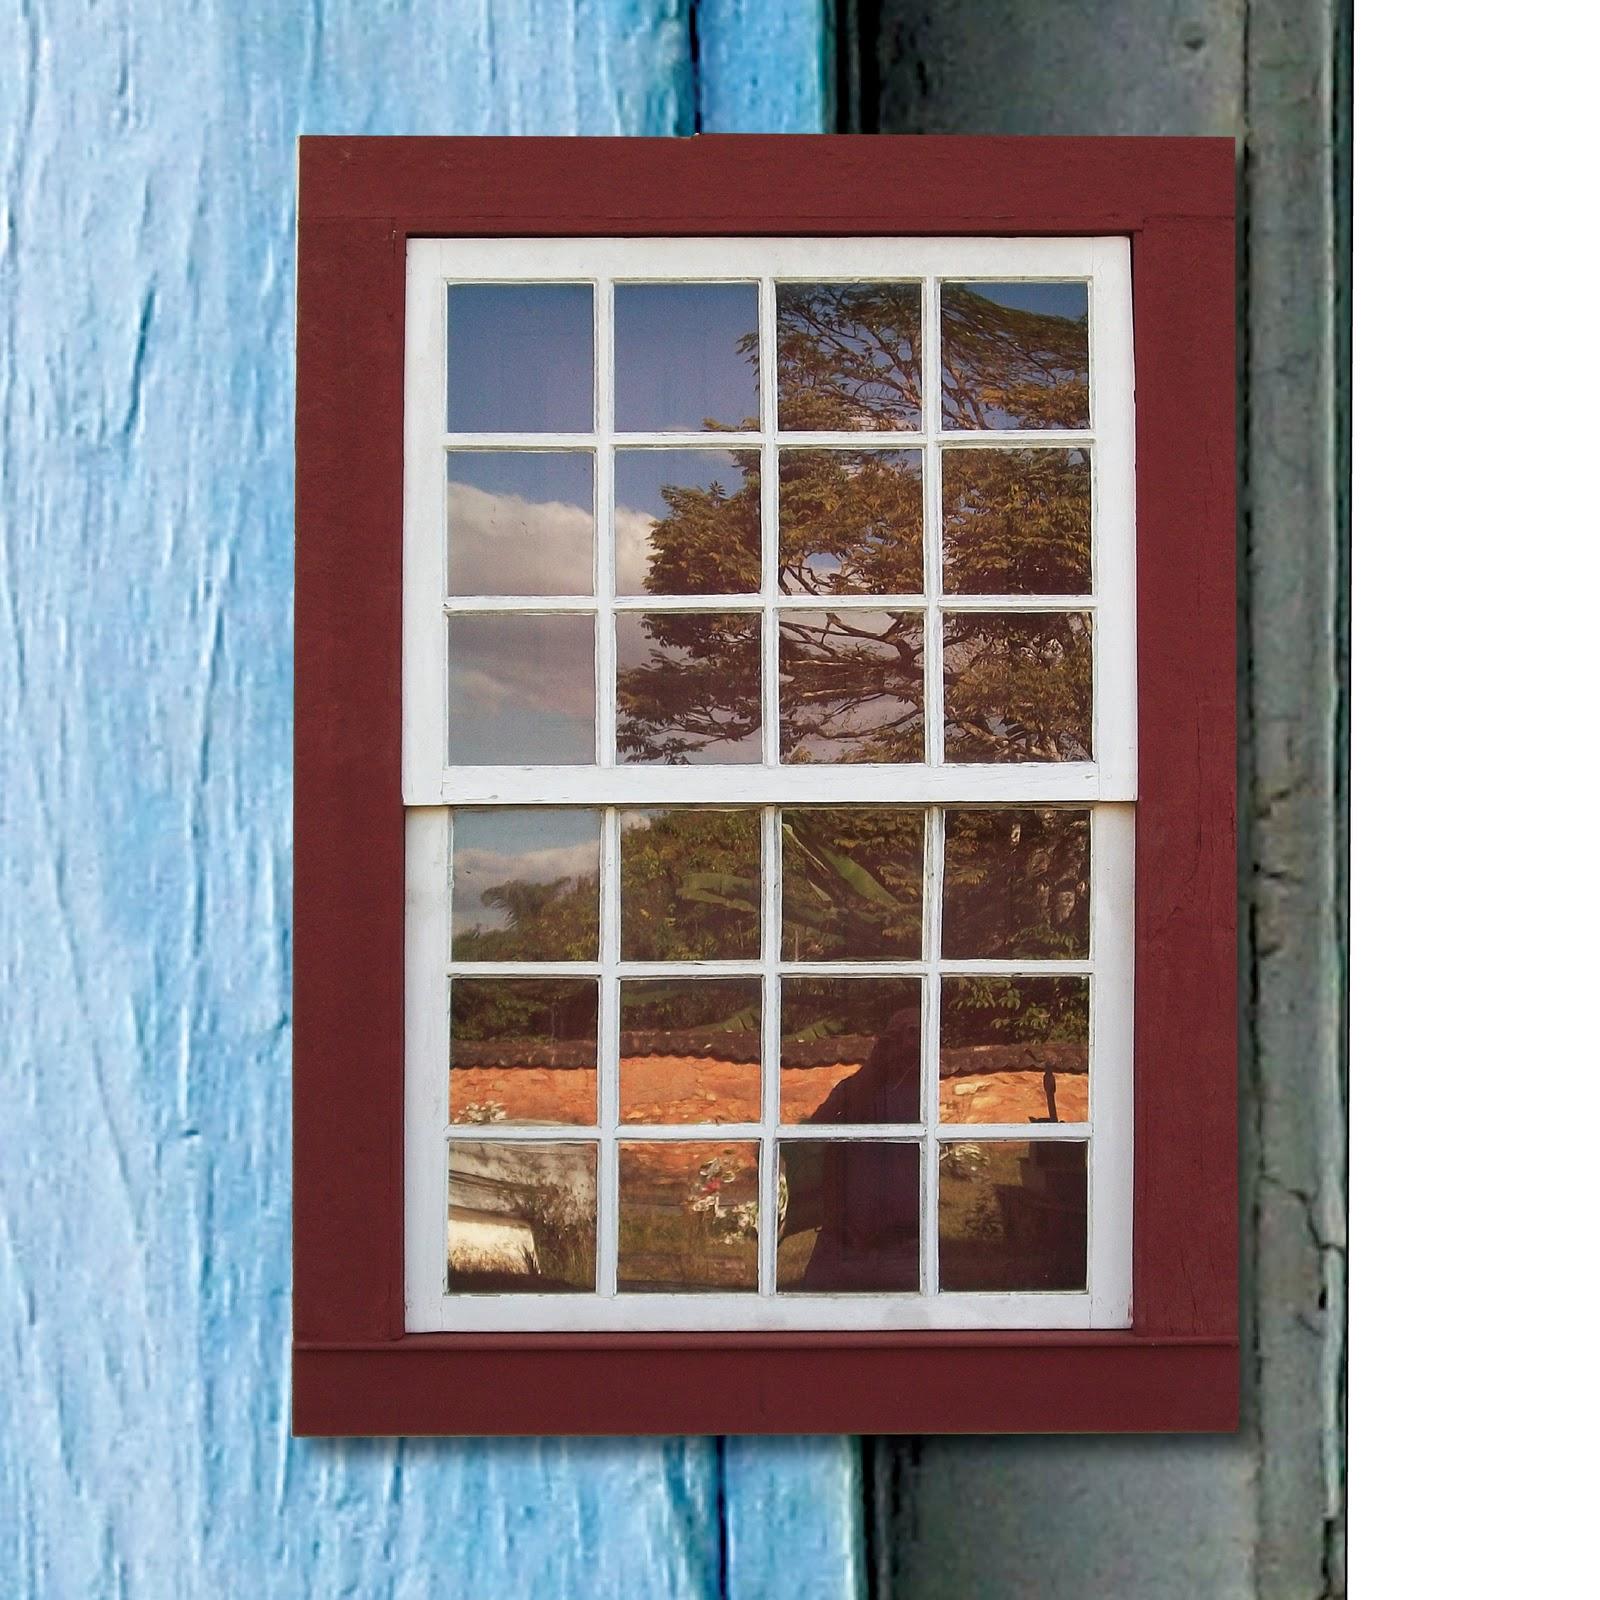 #2E719D cozinhas americanas tijolos de vidro 4 Book Covers 1600x1600 px Balcao Cozinha Americana Tijolo De Vidro #2313 imagens